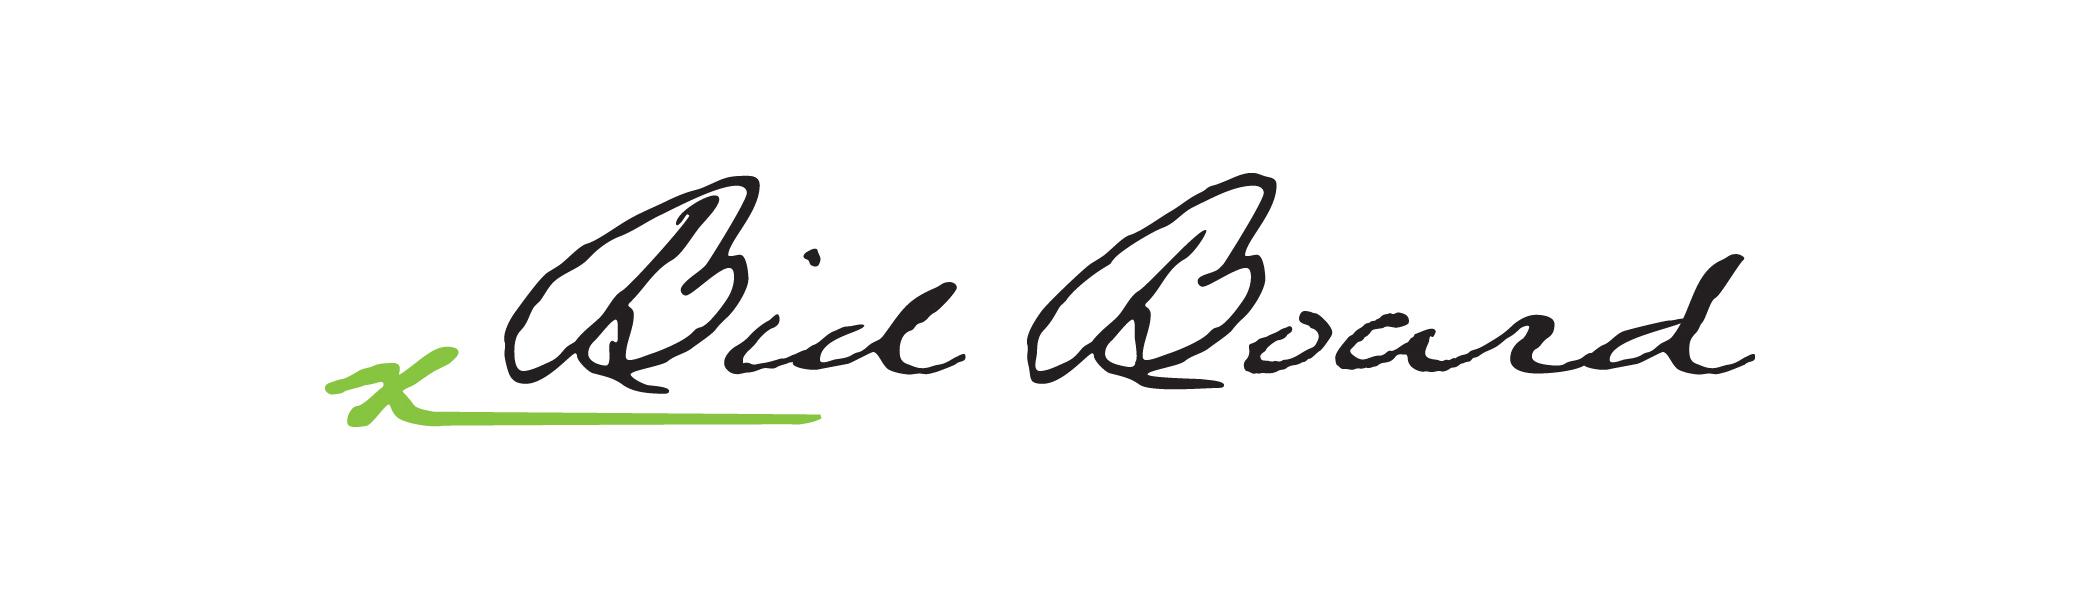 Bid Board Logo Design - KLN Design